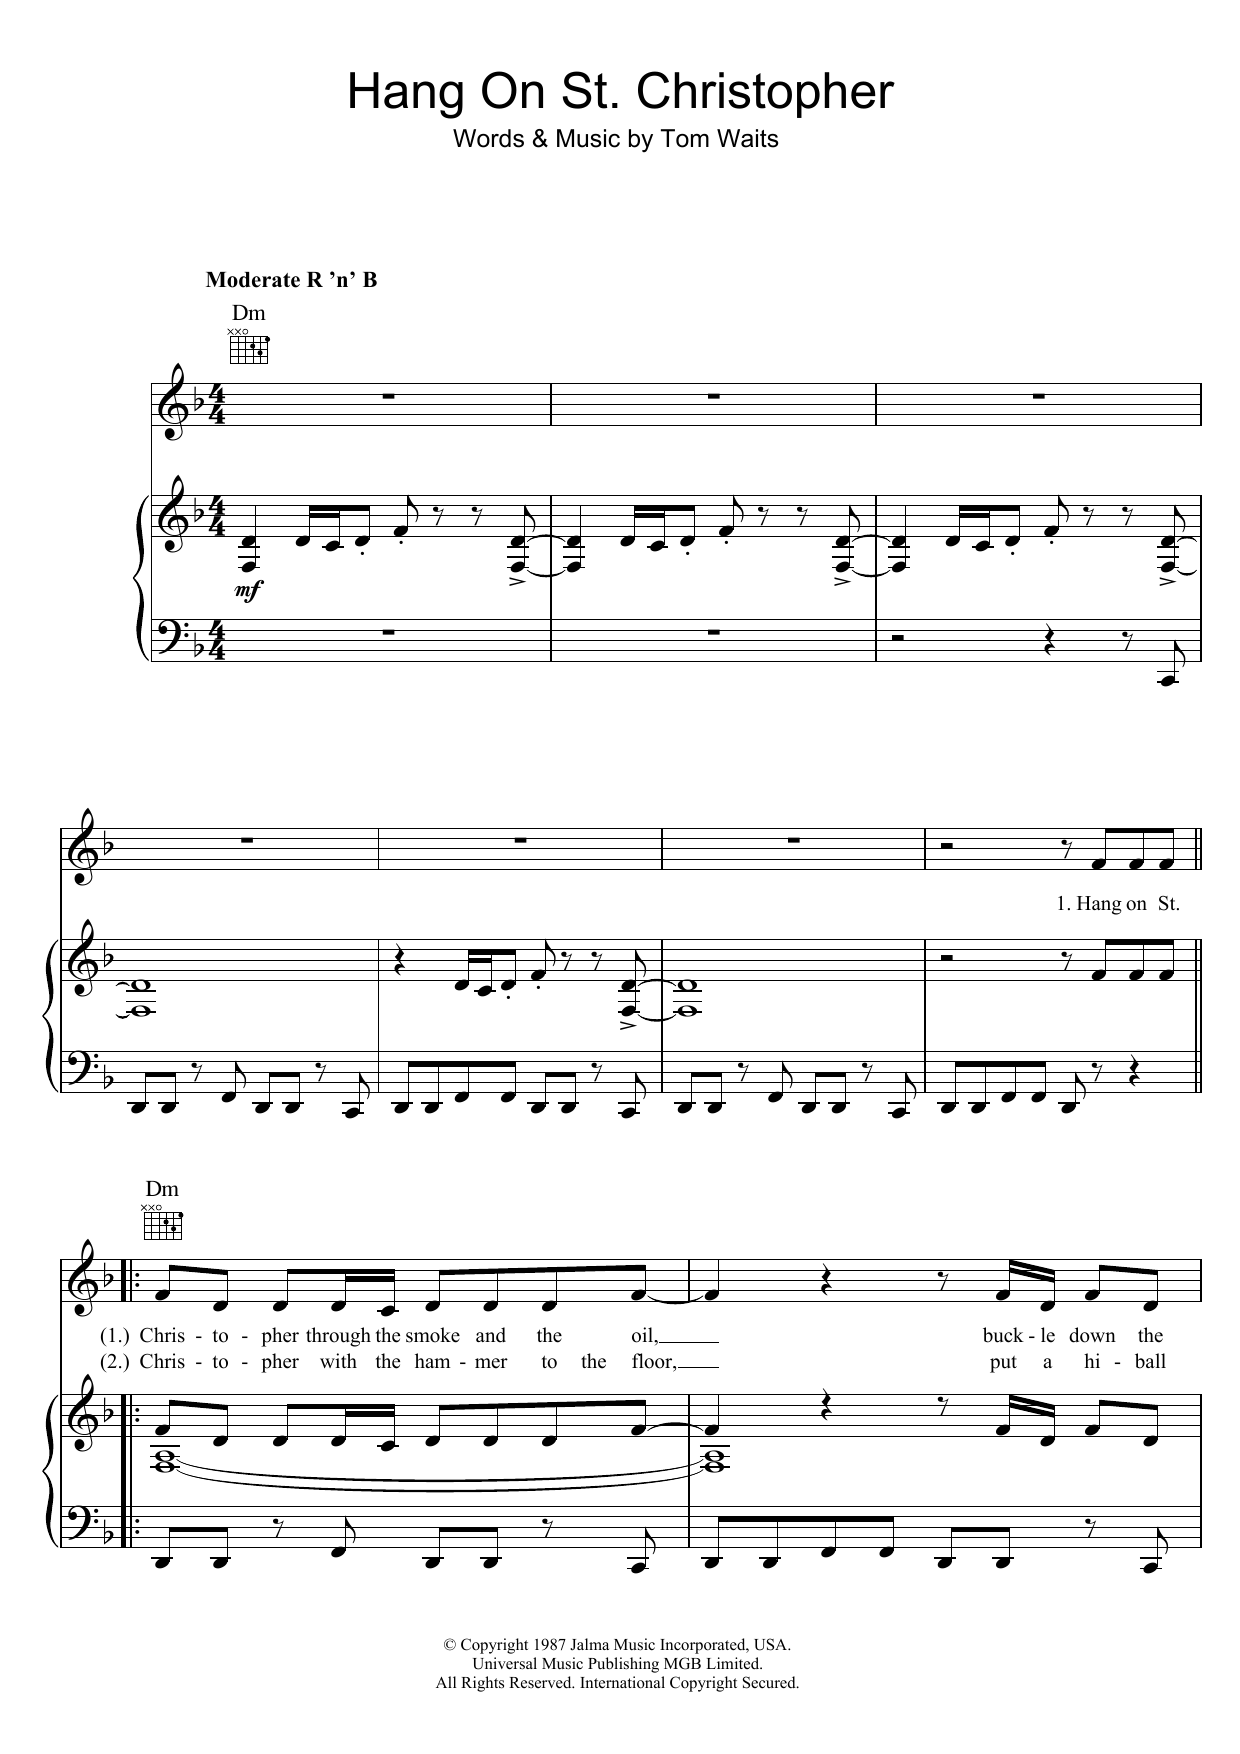 Tom Waits - Hang On St. Christopher